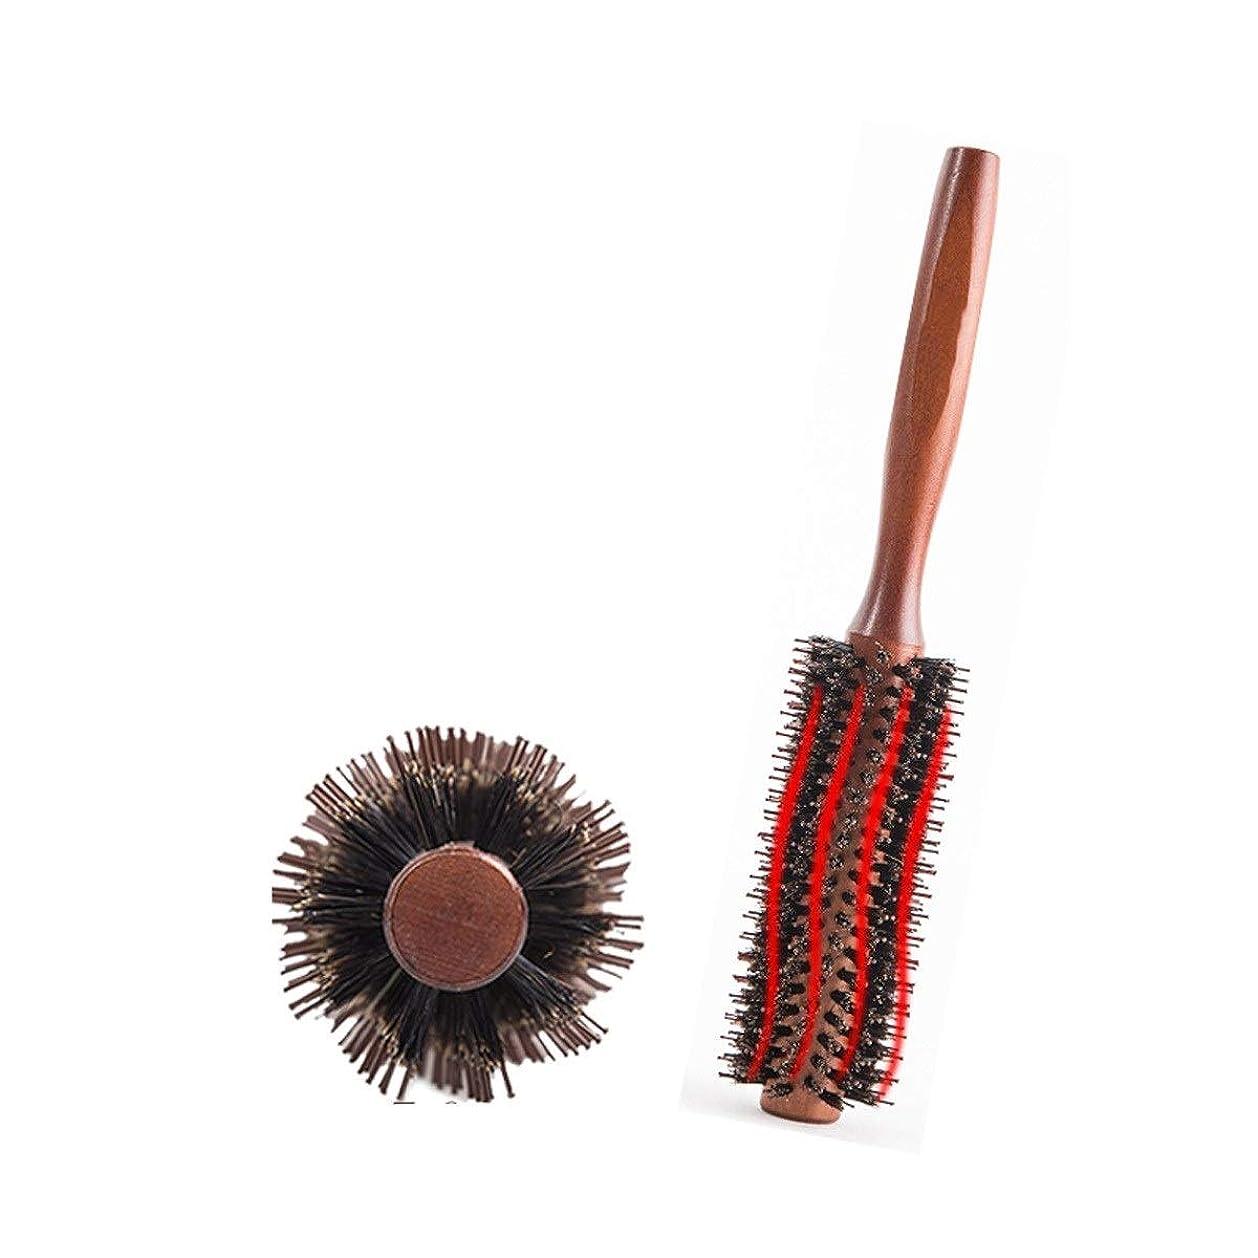 噴火出血汚染するFengkuo 櫛、巻き毛の櫛、ふわふわの家庭用ロール櫛、理髪店特別な木製の櫛、ウッドカラー、2つのスタイル 櫛 (Design : A, Size : S)